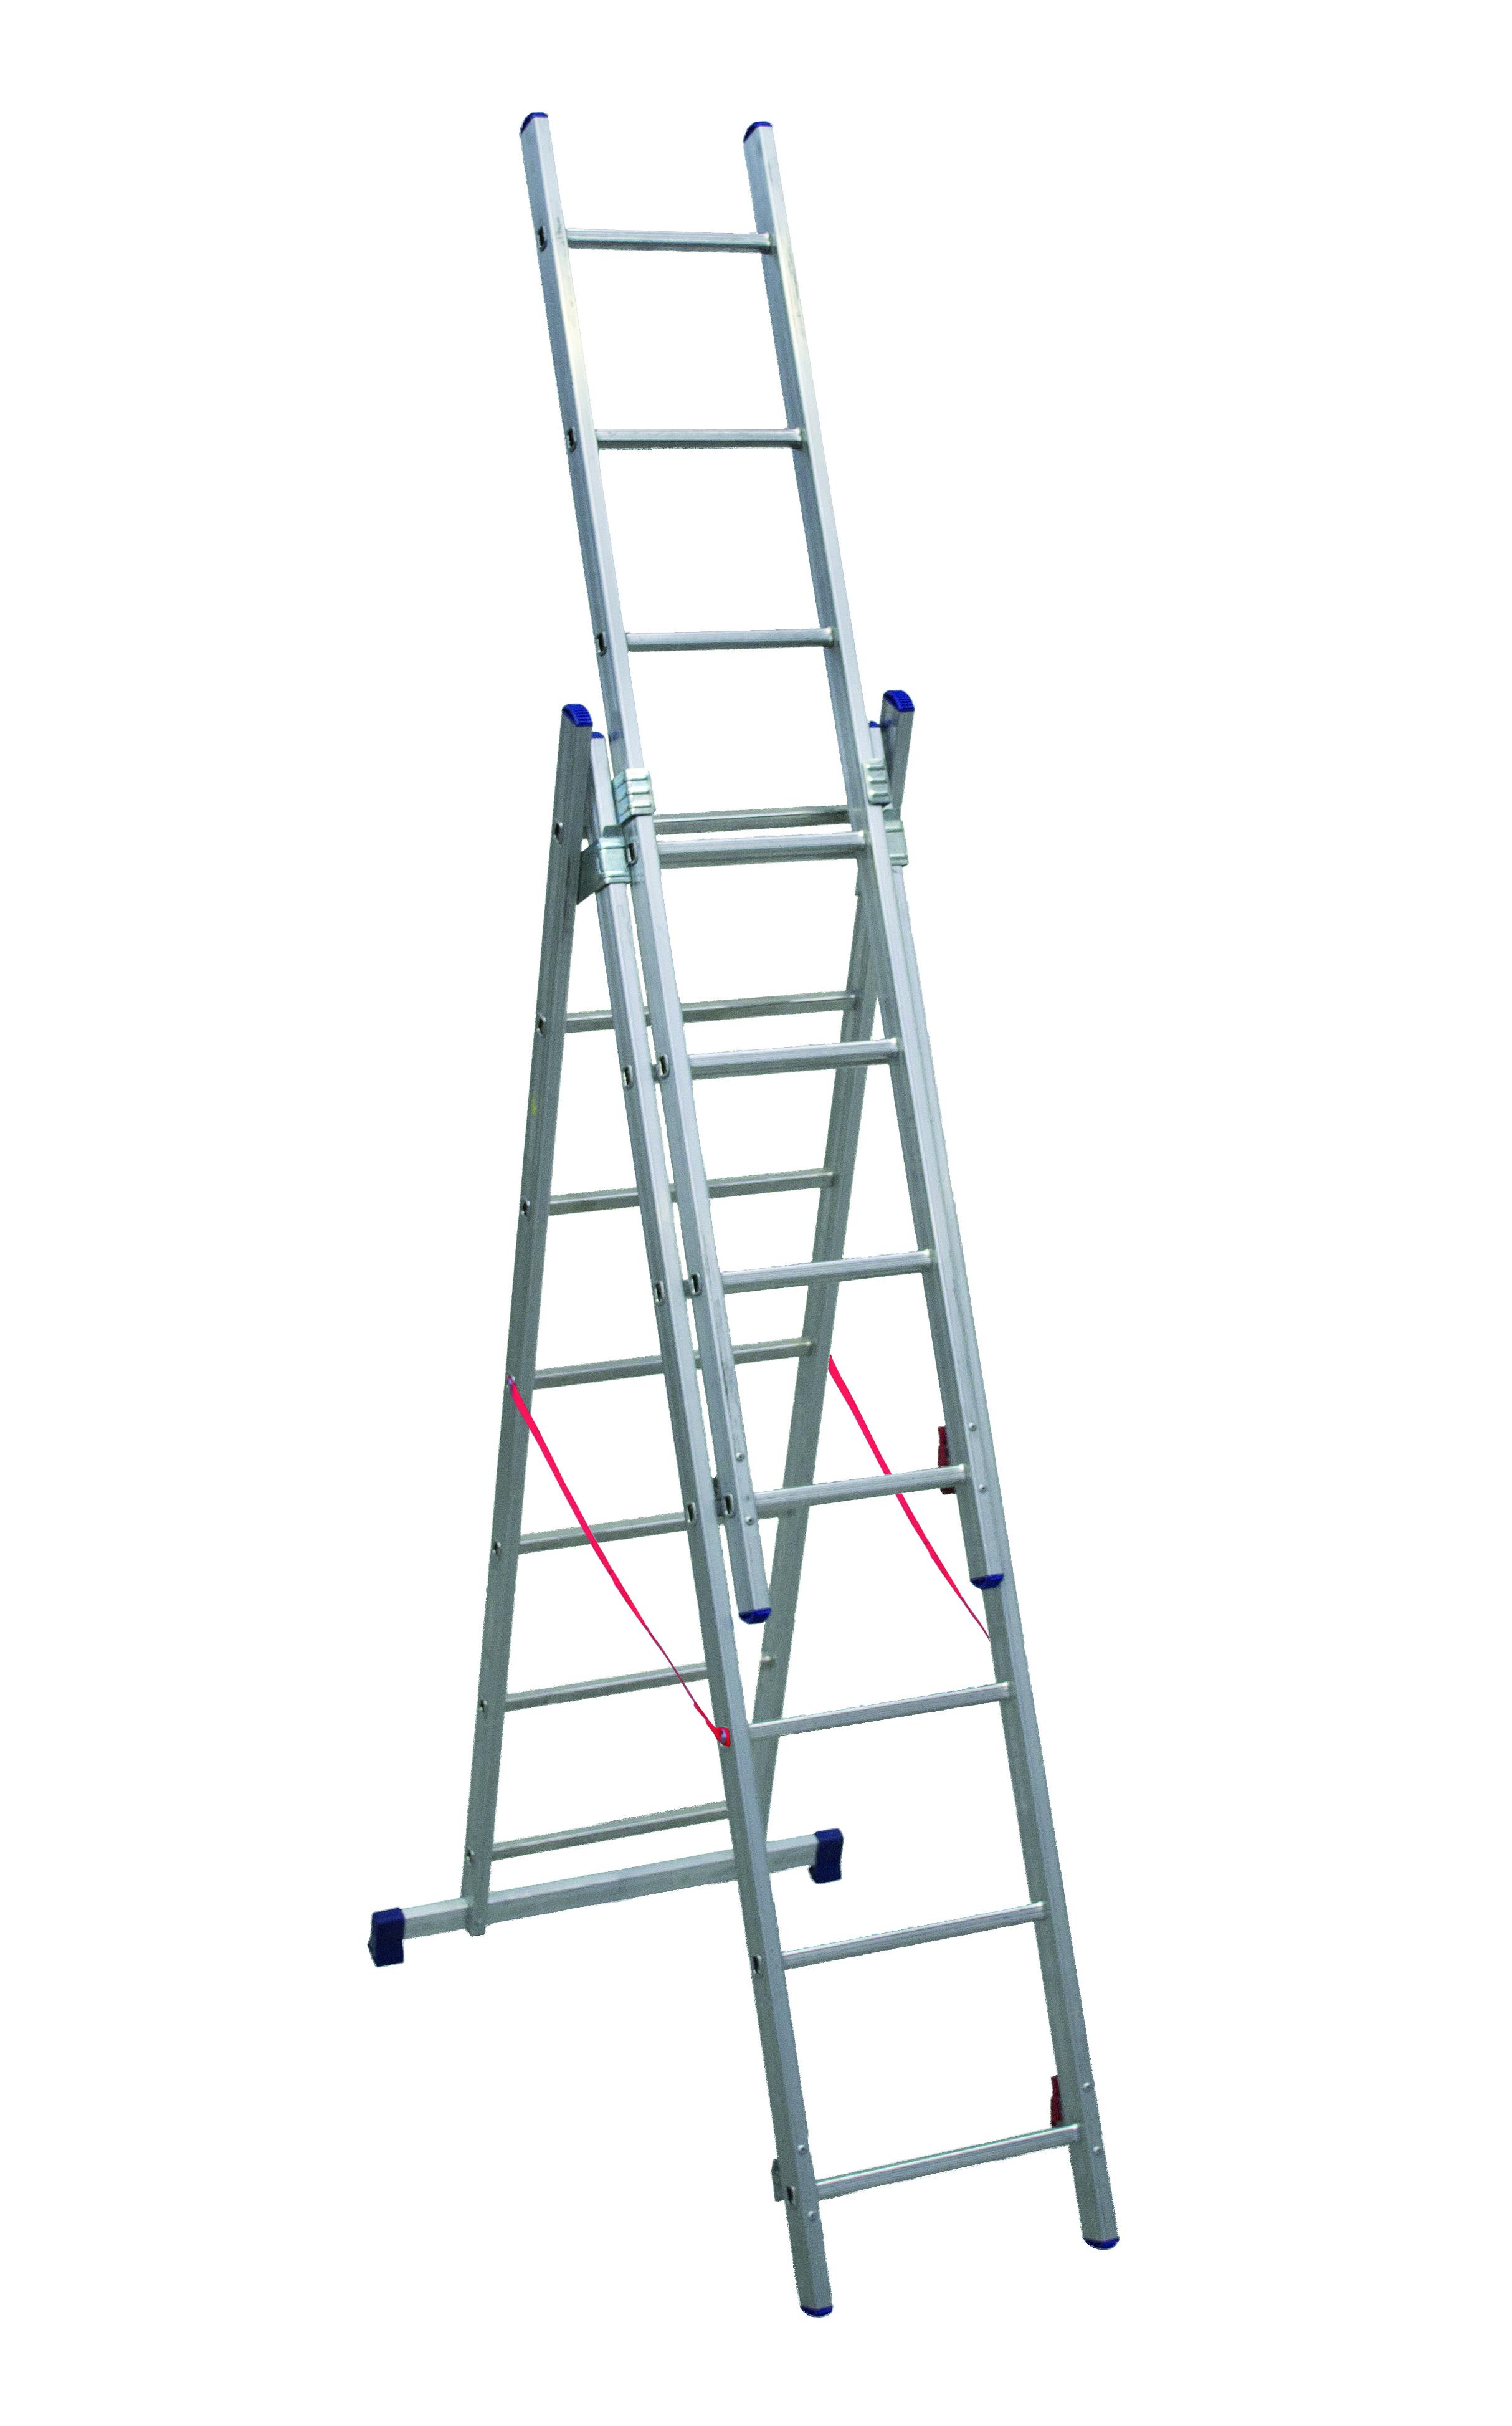 Altezza Gradini Scala scala telescopica in alluminio facal euro stilo 3 rampe per 7 gradini  sl200-3